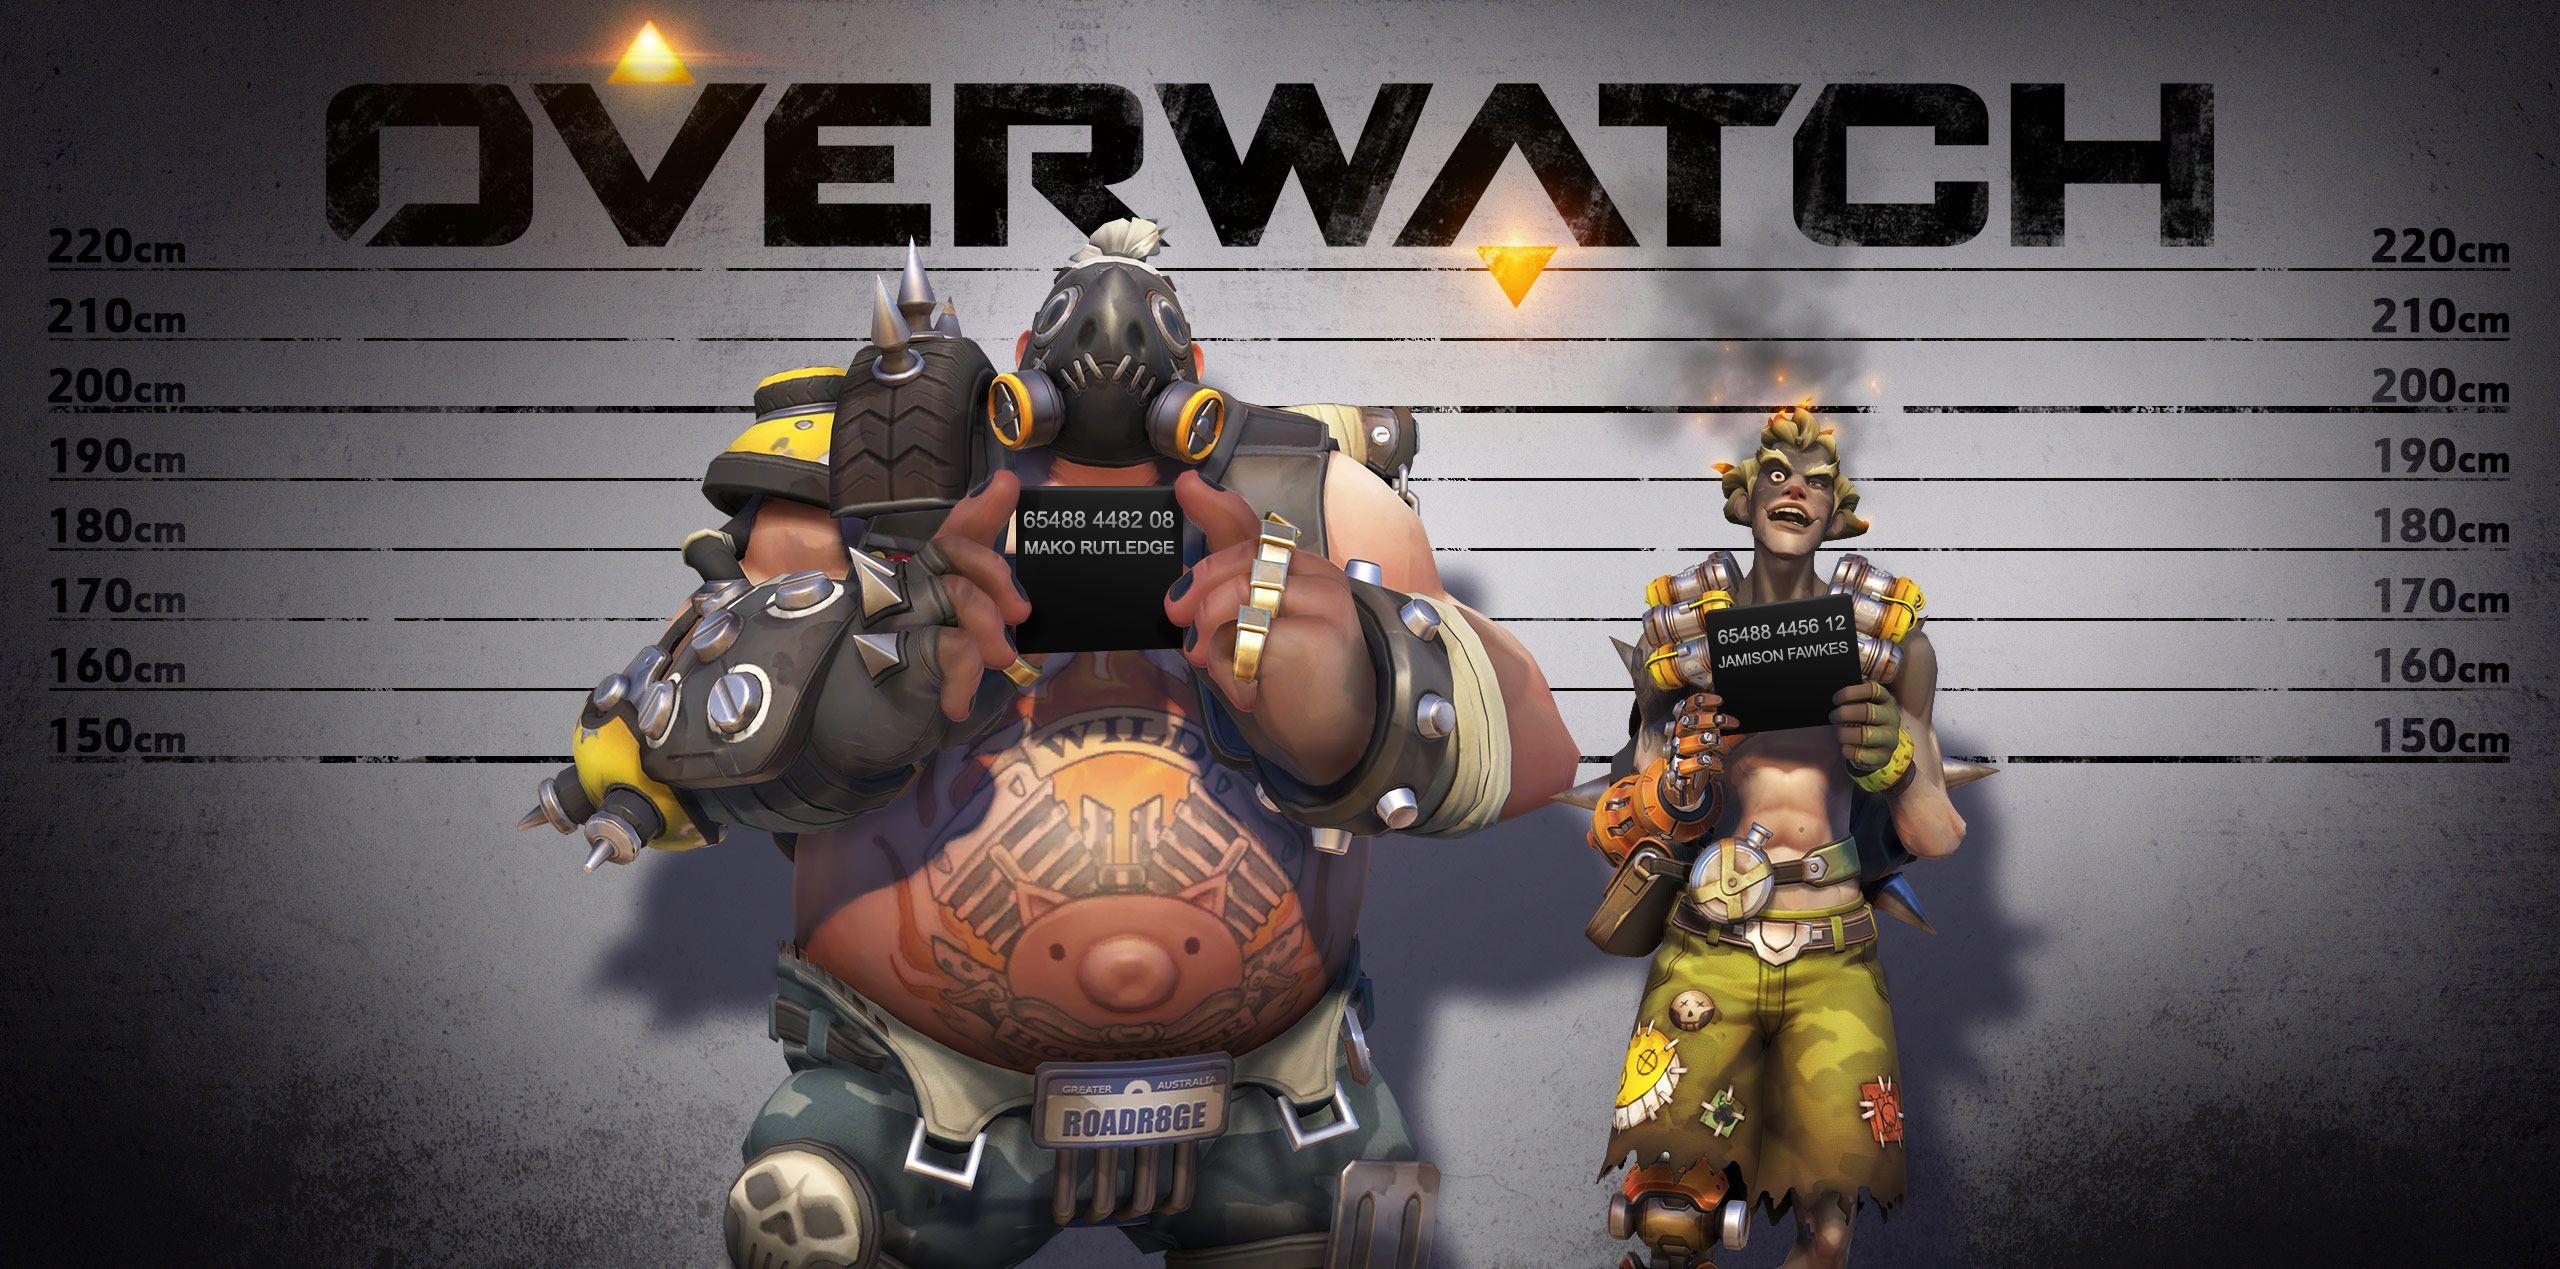 33 Junkrat Overwatch Hd Wallpapers Backgrounds Wallpaper Abyss Roadhog Overwatch Overwatch Overwatch Wallpapers